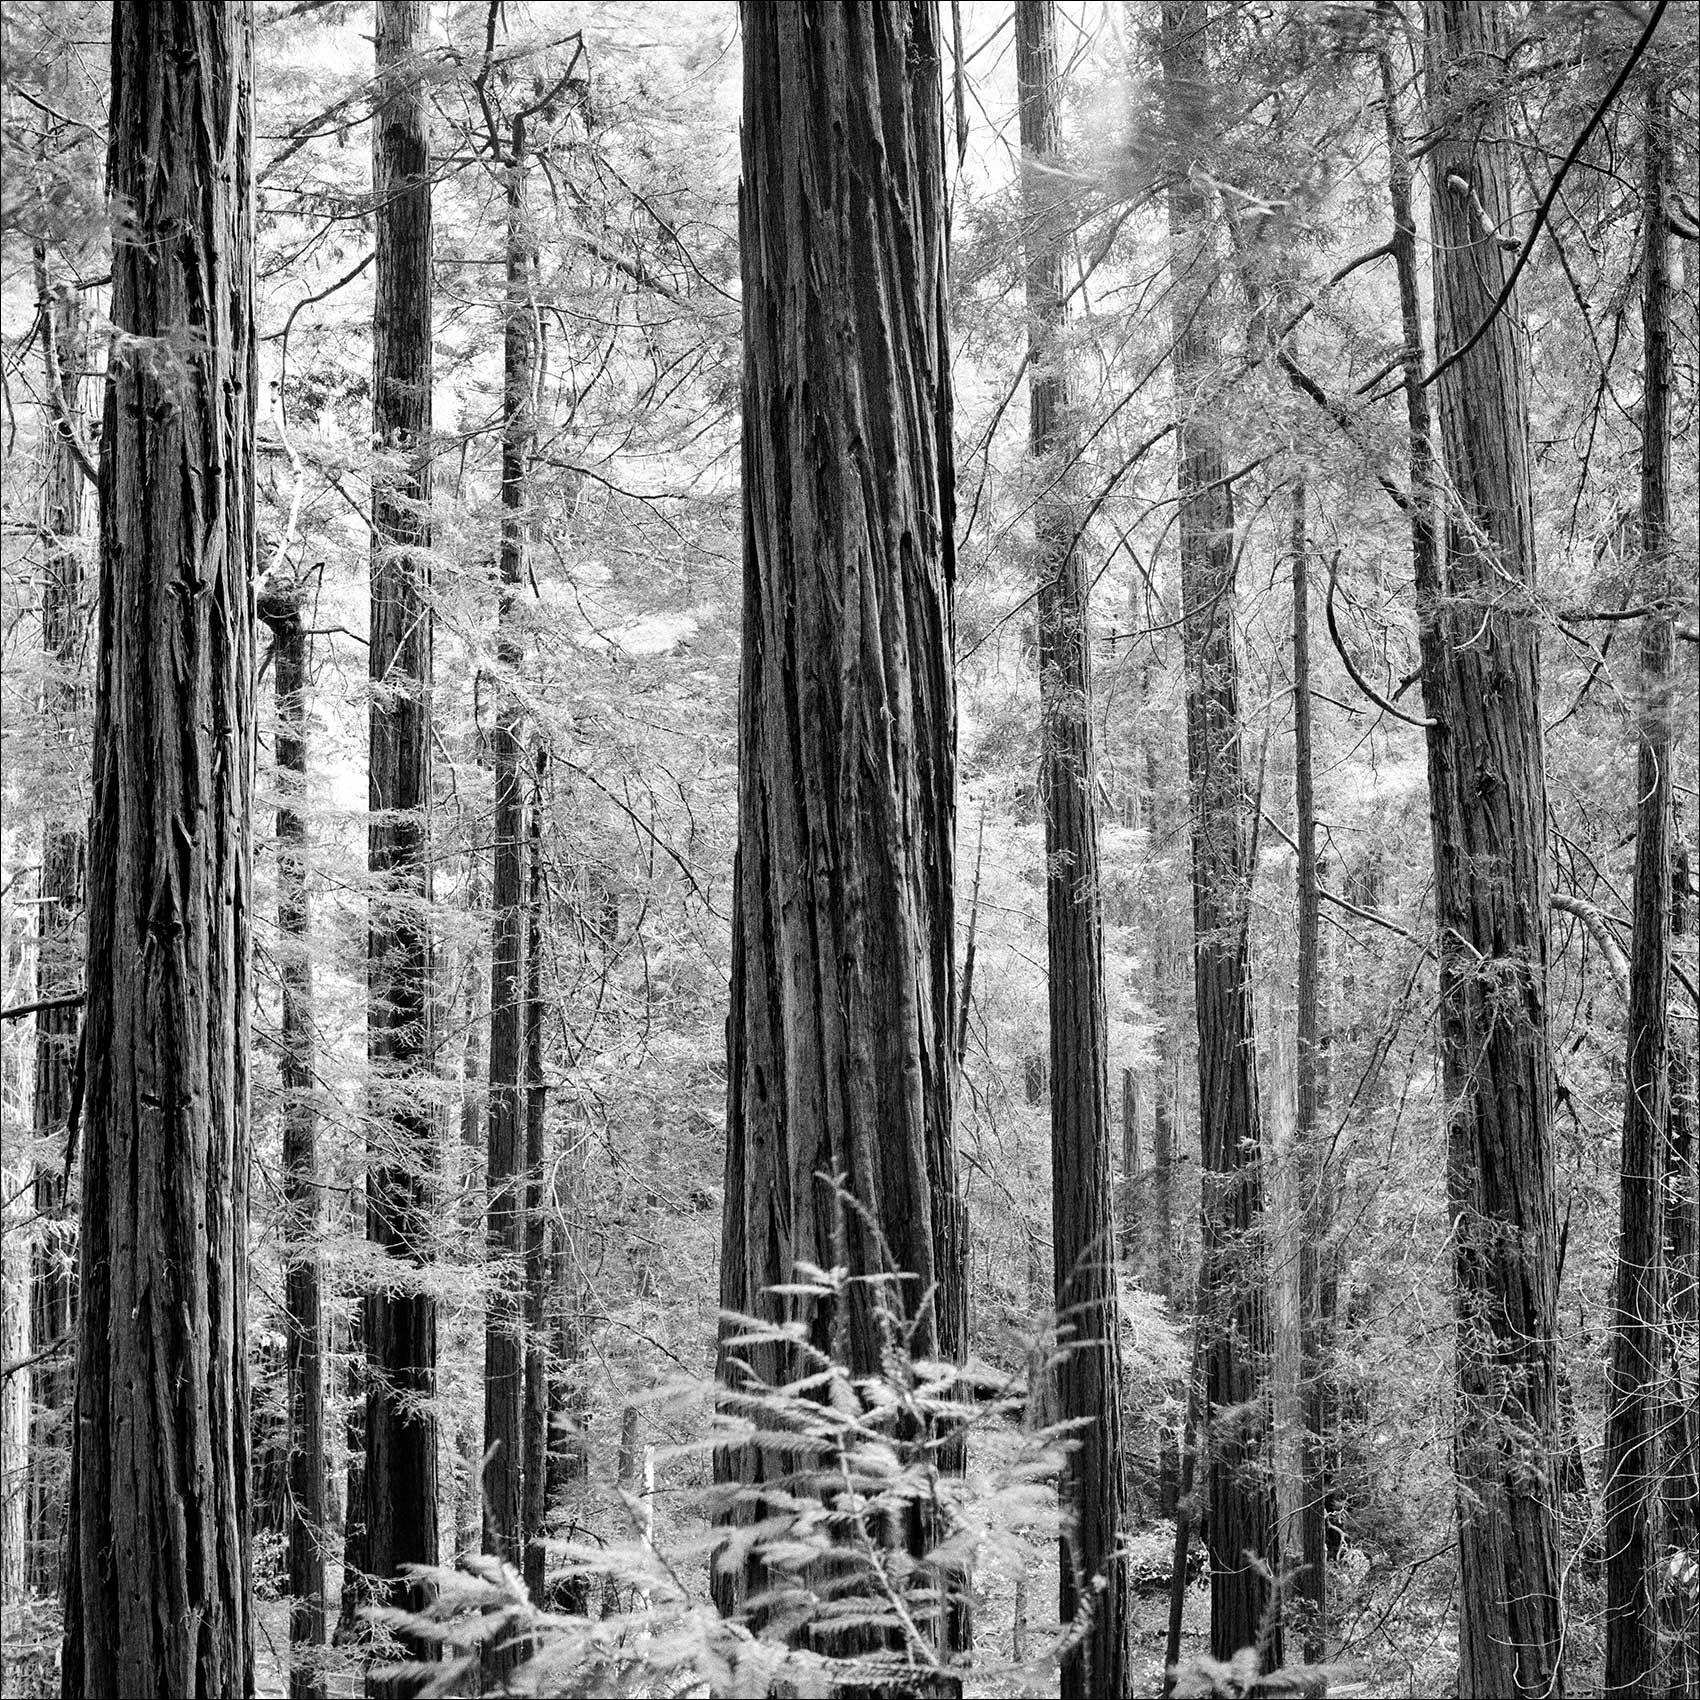 MuirWoods_Northern_California_Redwoods_Photographer.jpg